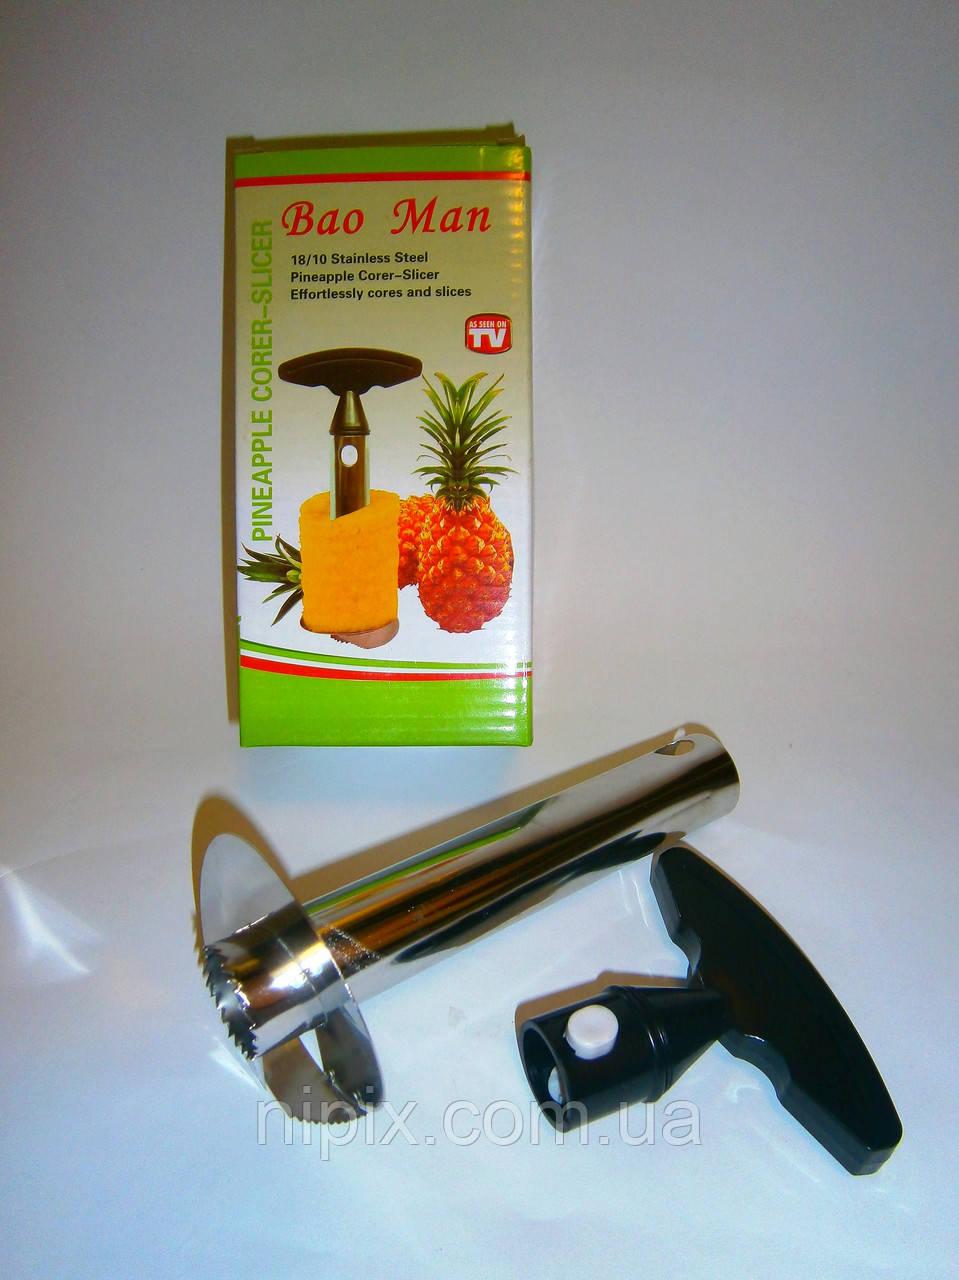 Нож для ананаса pineapple slicer без коробки